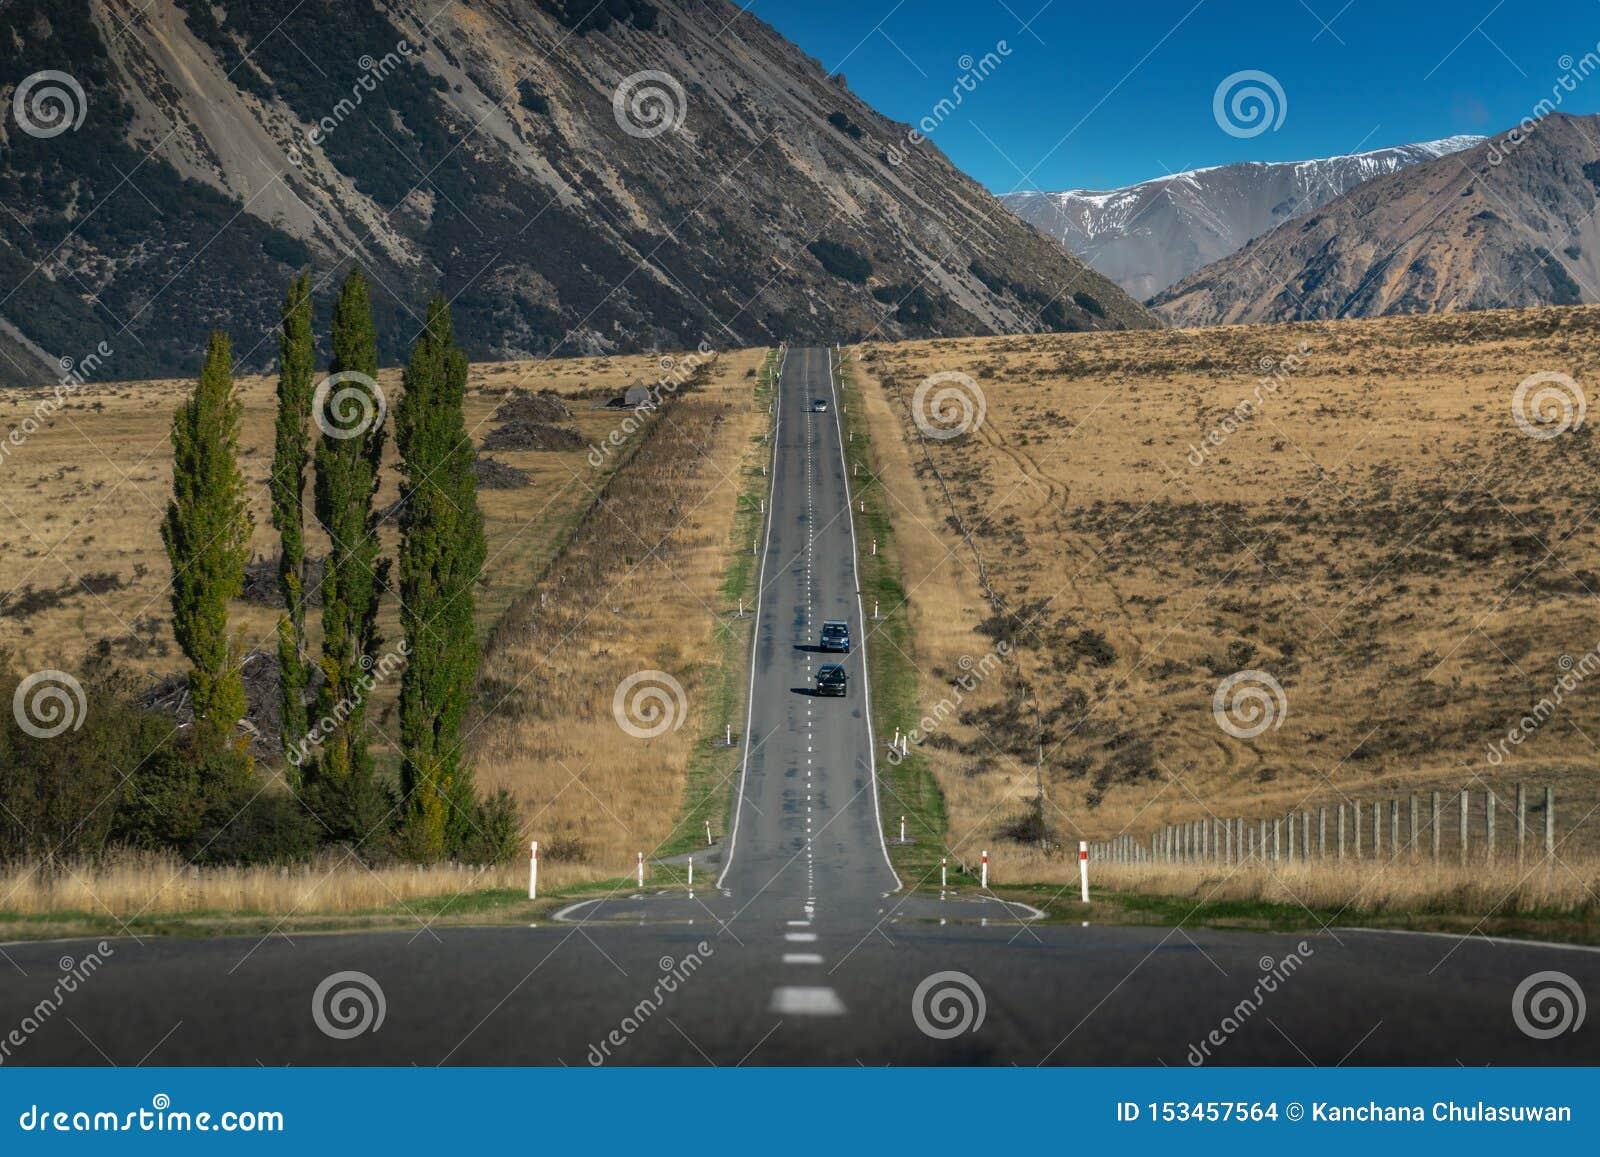 Titre de route dans la vallée au Nouvelle-Zélande